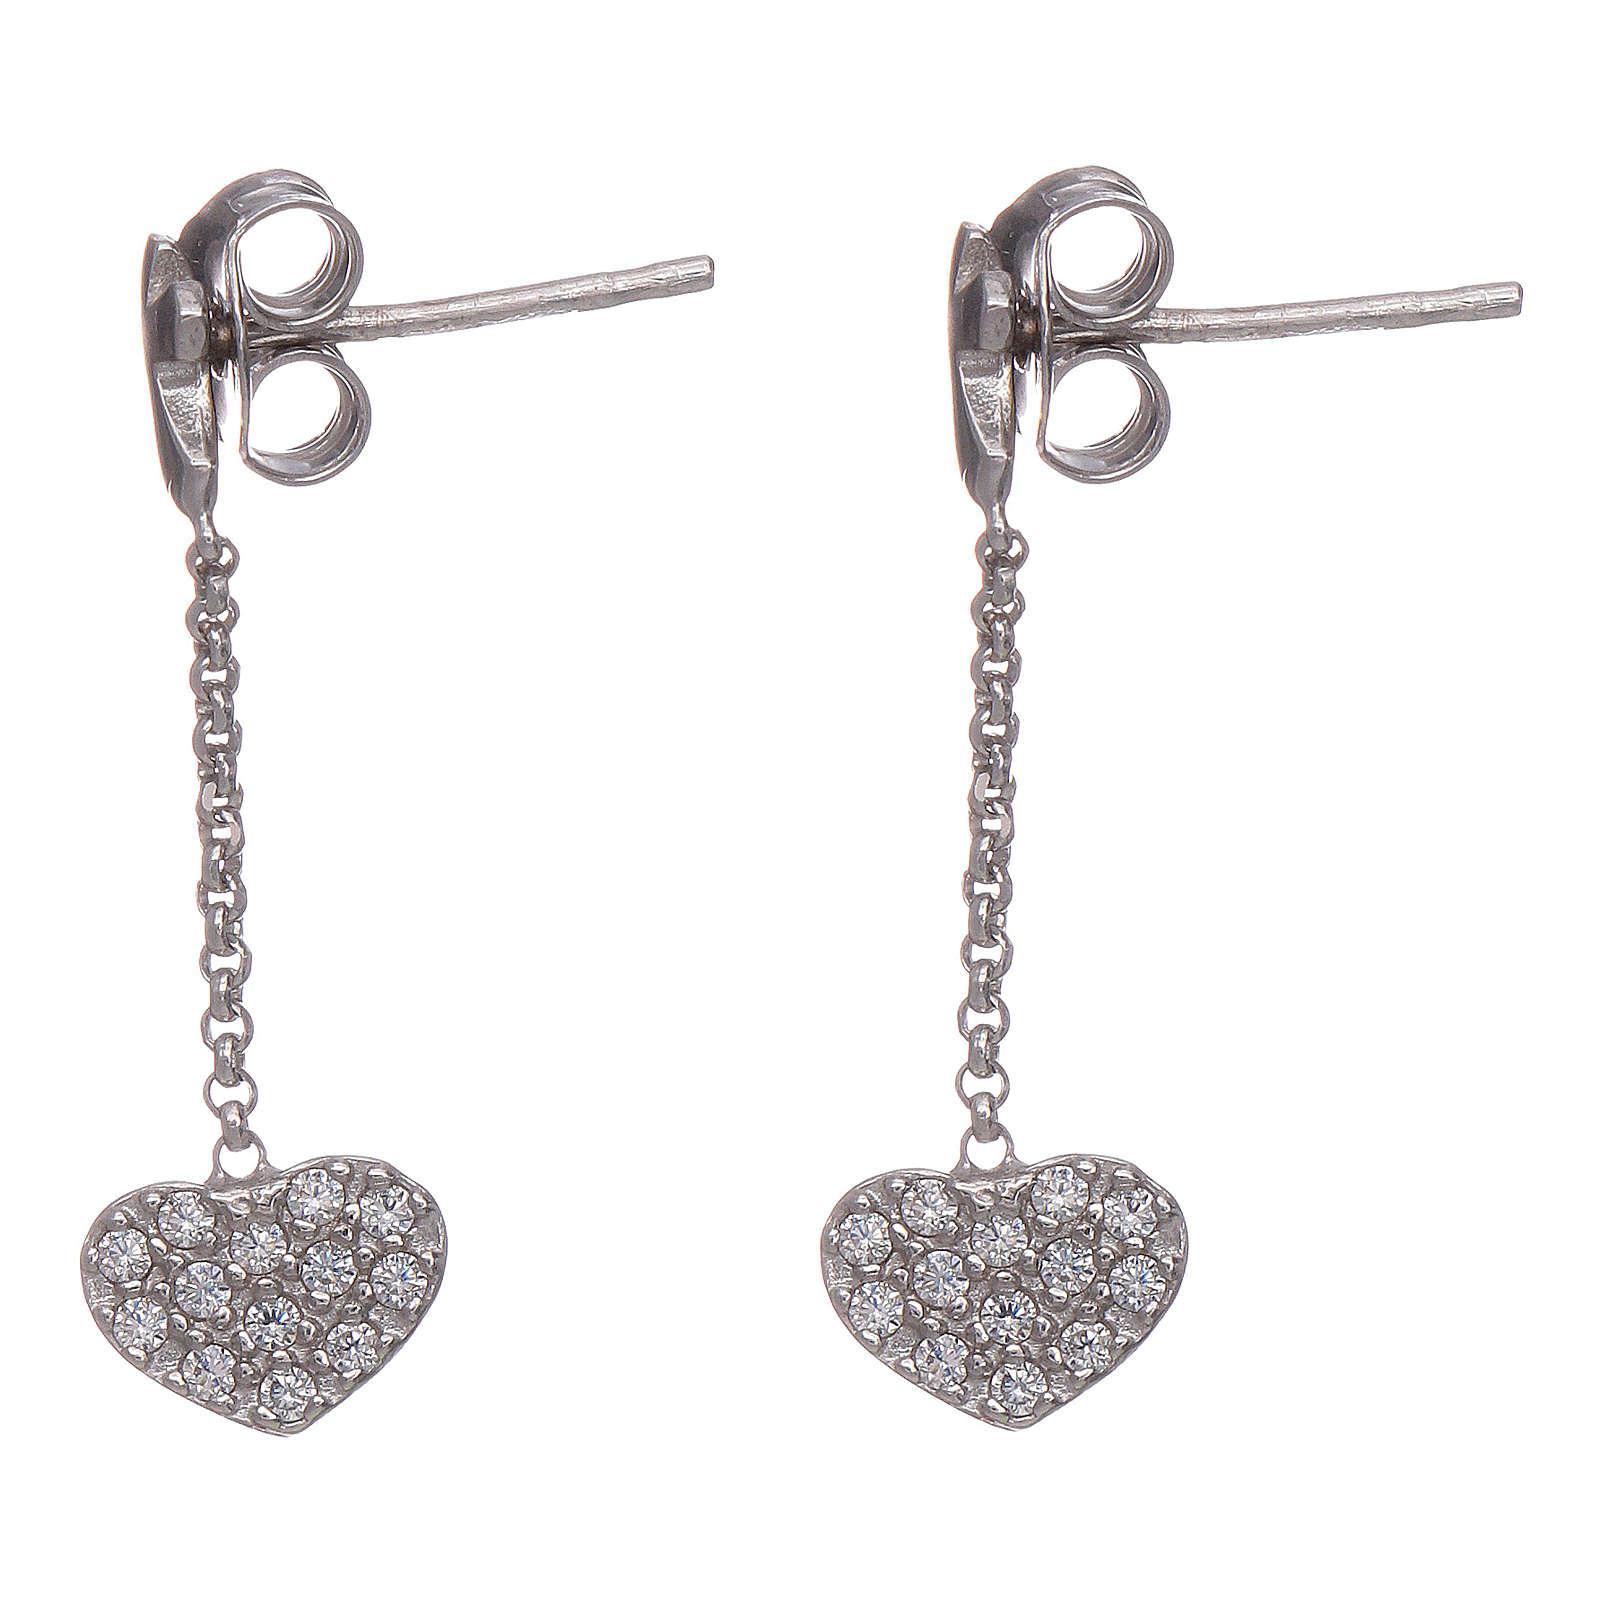 Boucles oreilles pendantes avec coeurs zircons AMEN argent 925 4